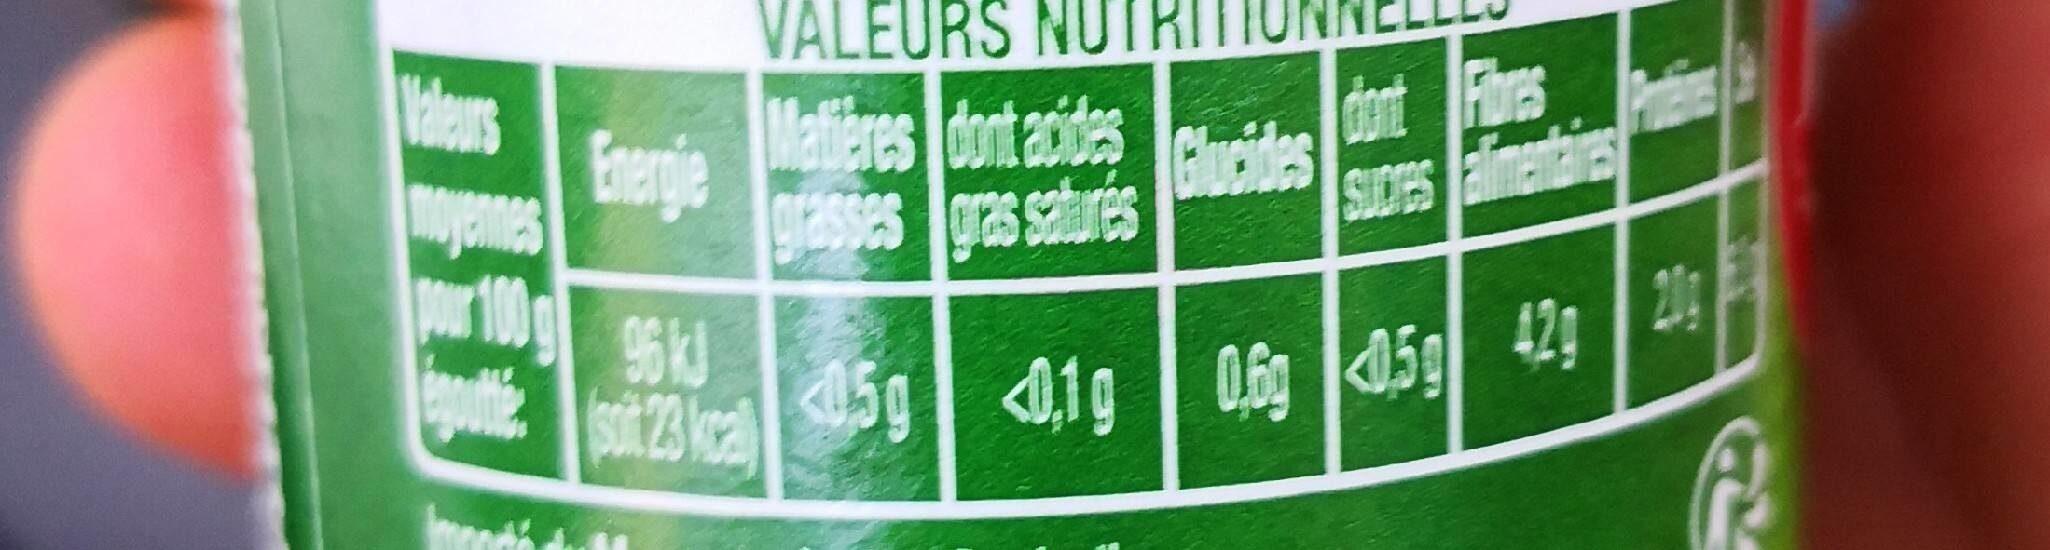 Câpres - Voedingswaarden - fr